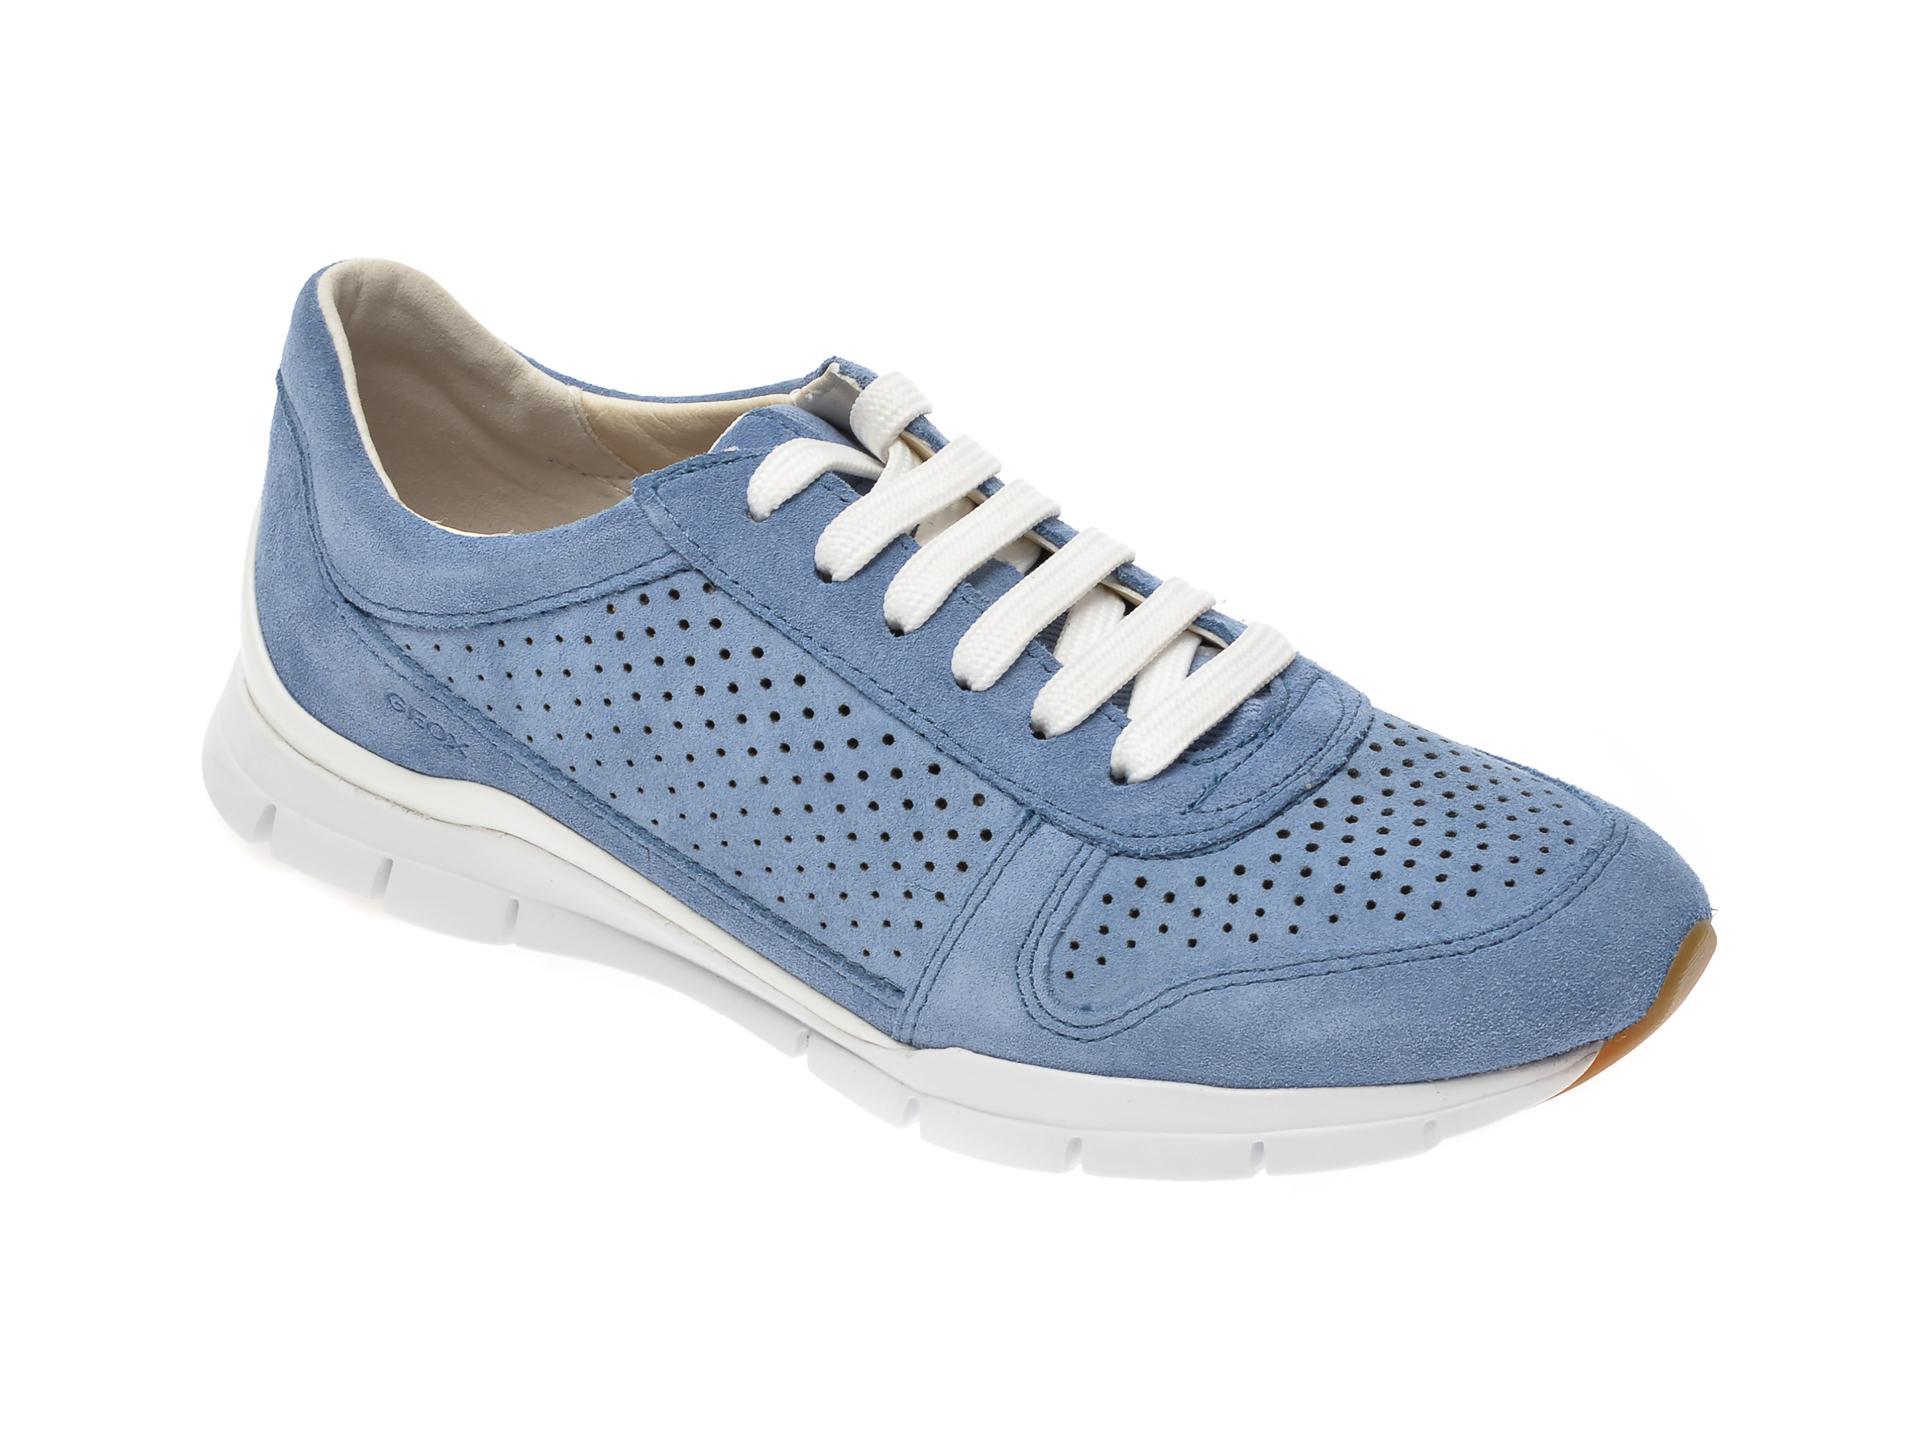 Pantofi sport GEOX albastri, D02F2B, din piele intoarsa